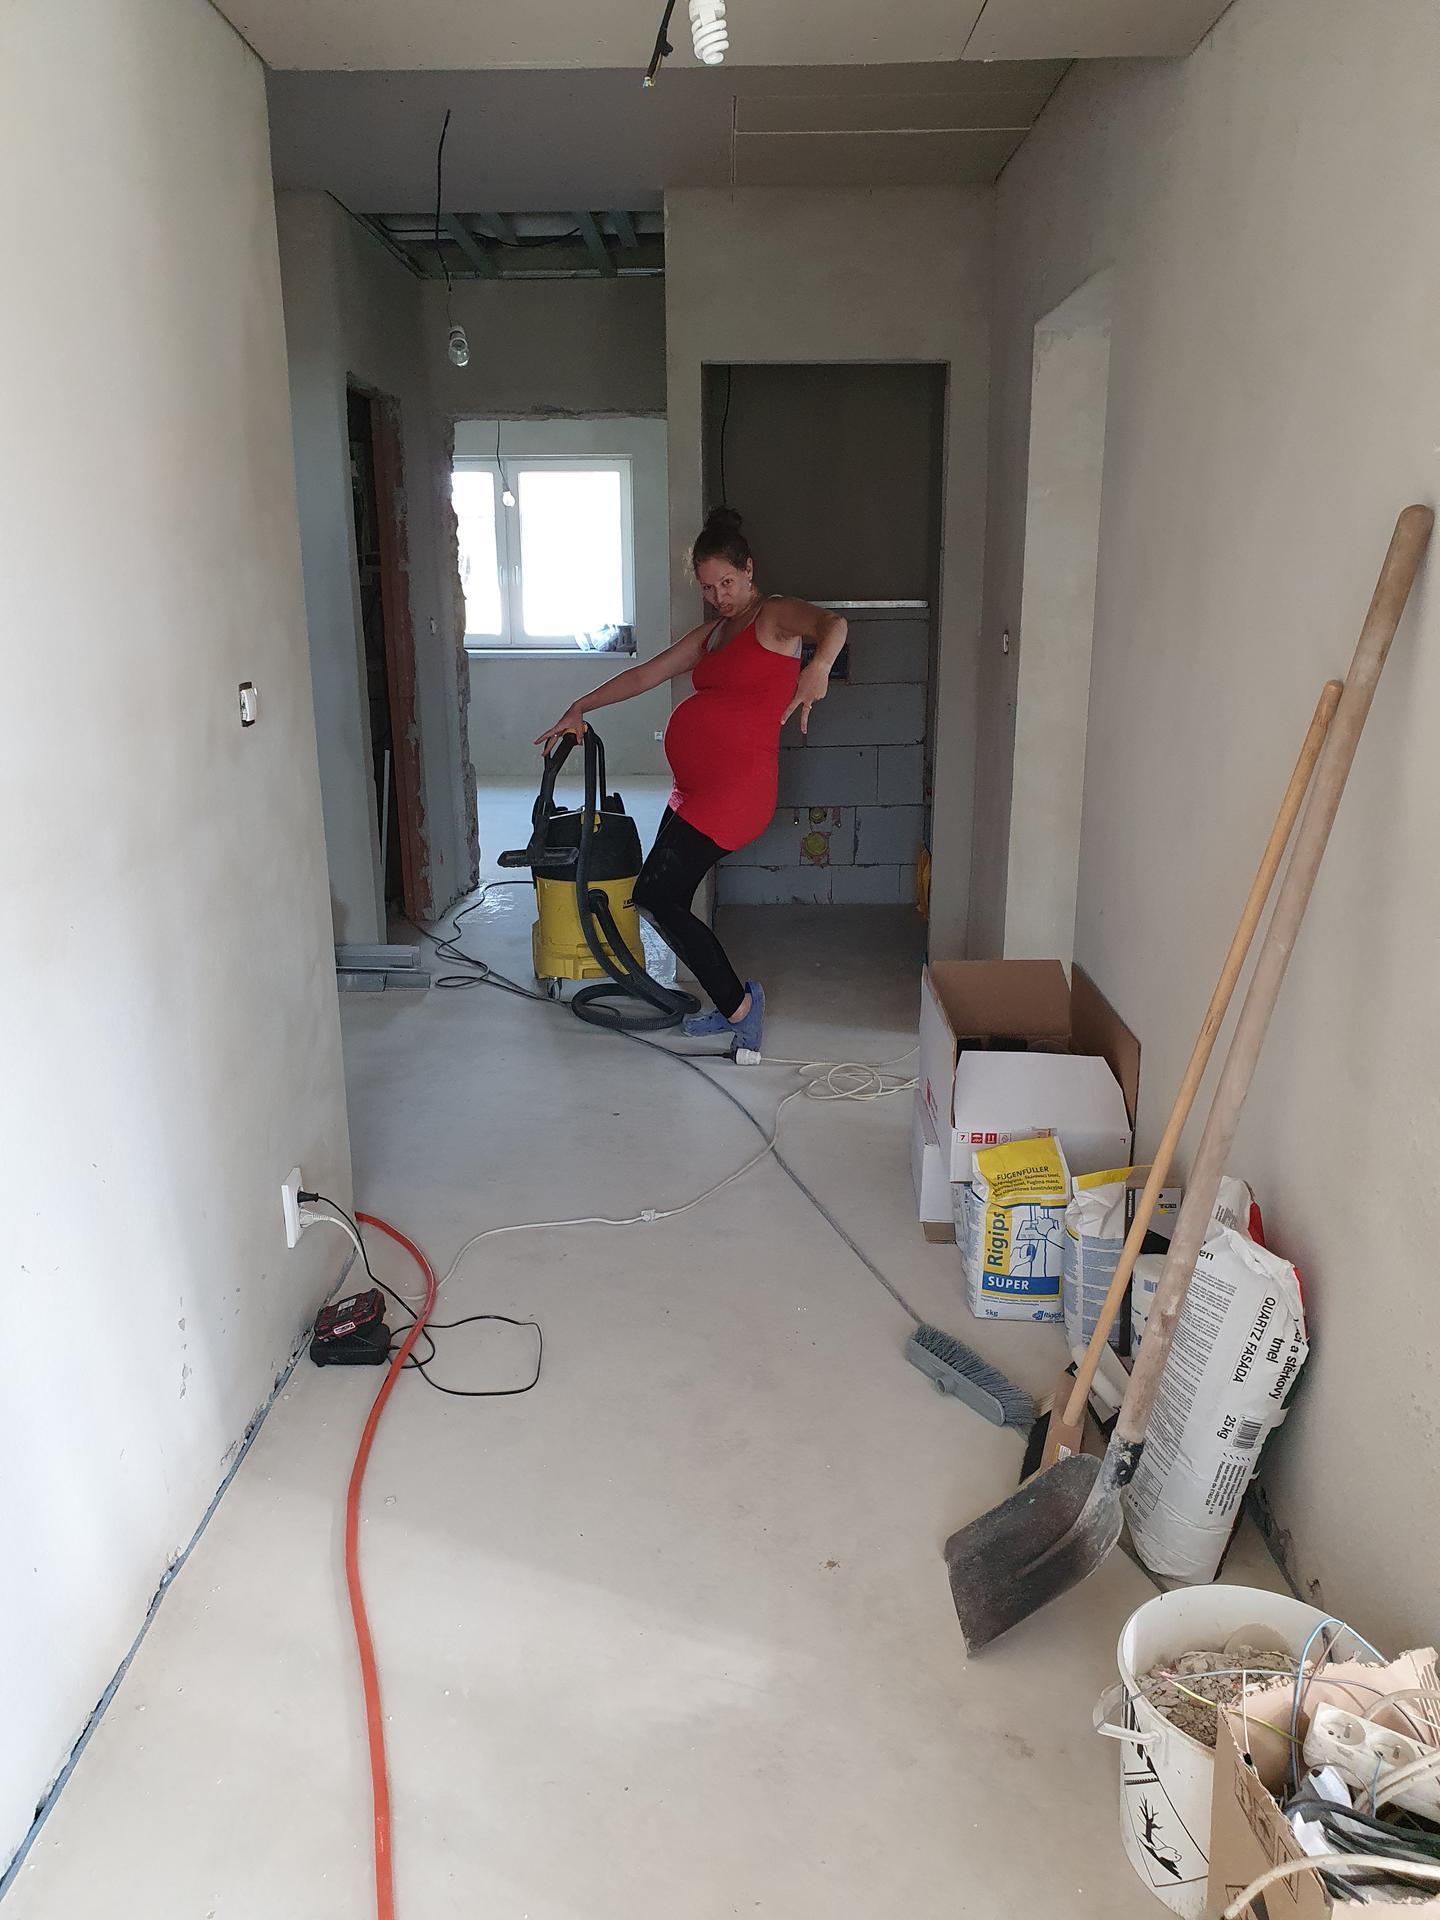 Rekonštrukcia domu-alebo chceme si splniť sen =》🏠🌻🌼🐶  mat domcek a vratit sa na Slovensko - Obrázok č. 794